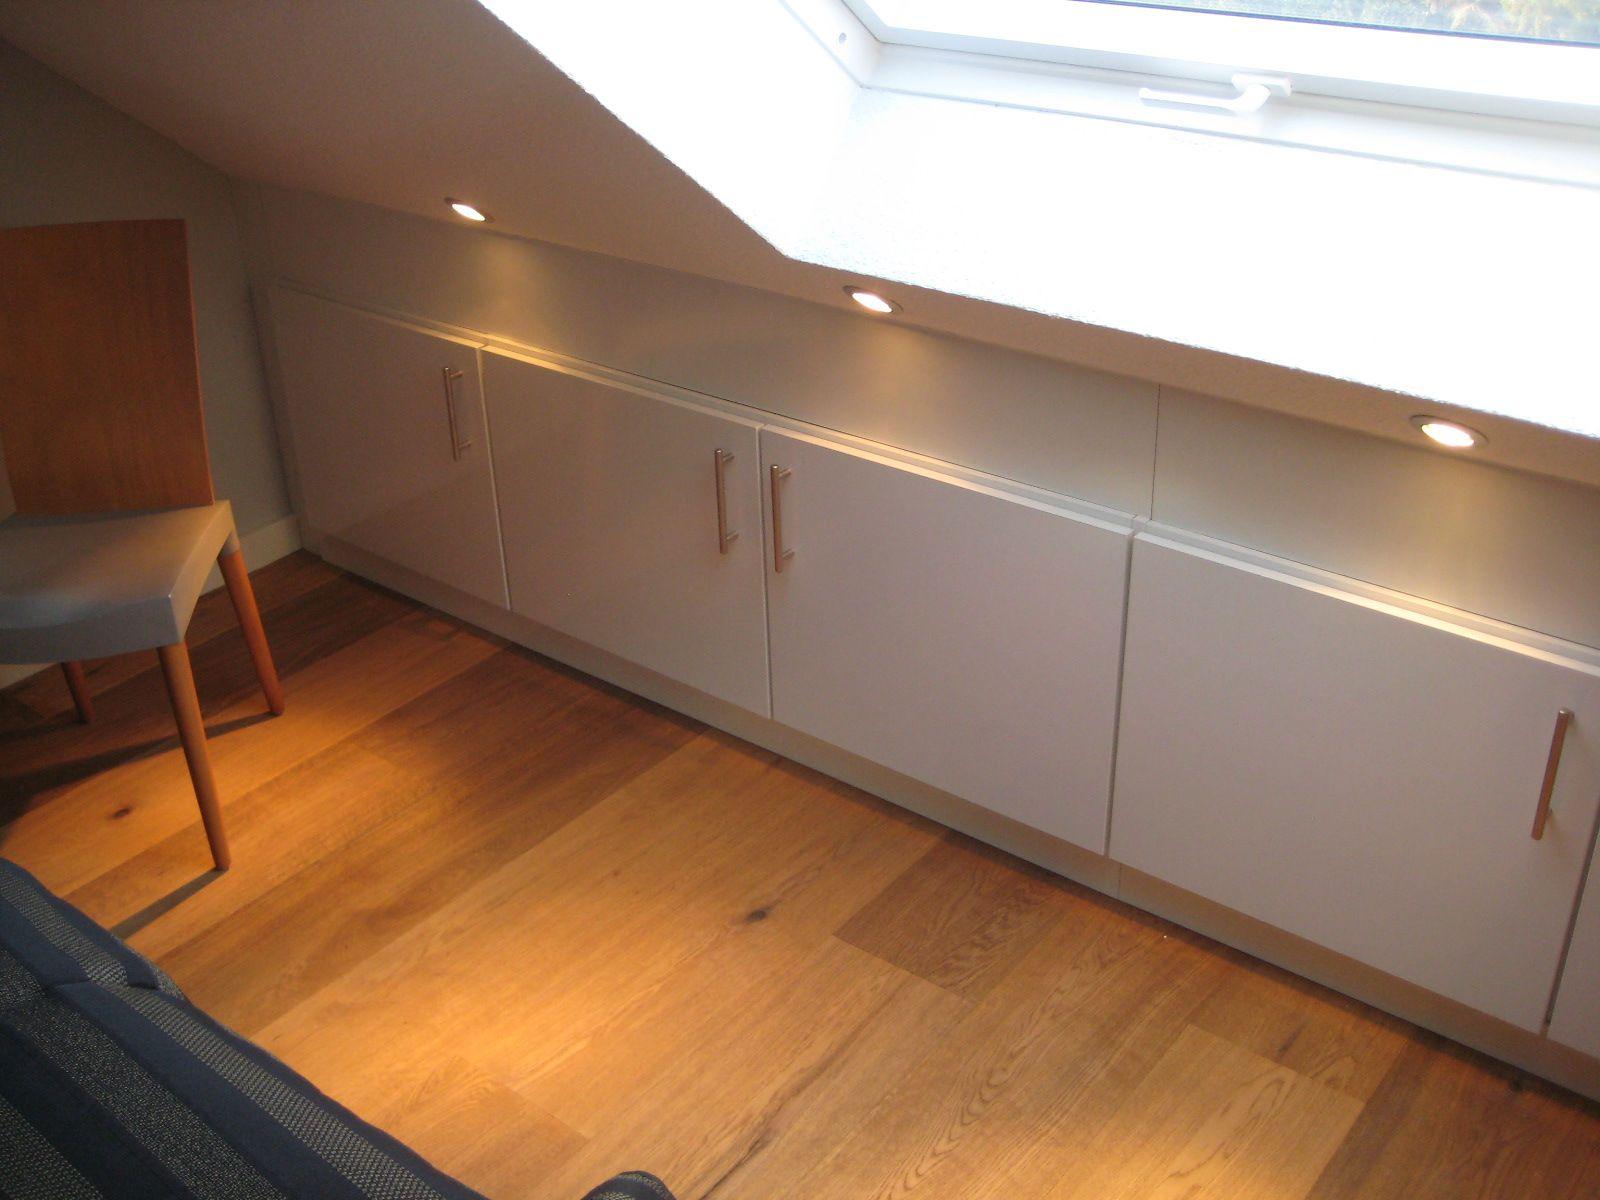 Weisses Schrankchen Mit Drehturen Unter Der Dachschrage Einbauschrank Dachschrage Dachboden Renovierung Und Einbauschrank